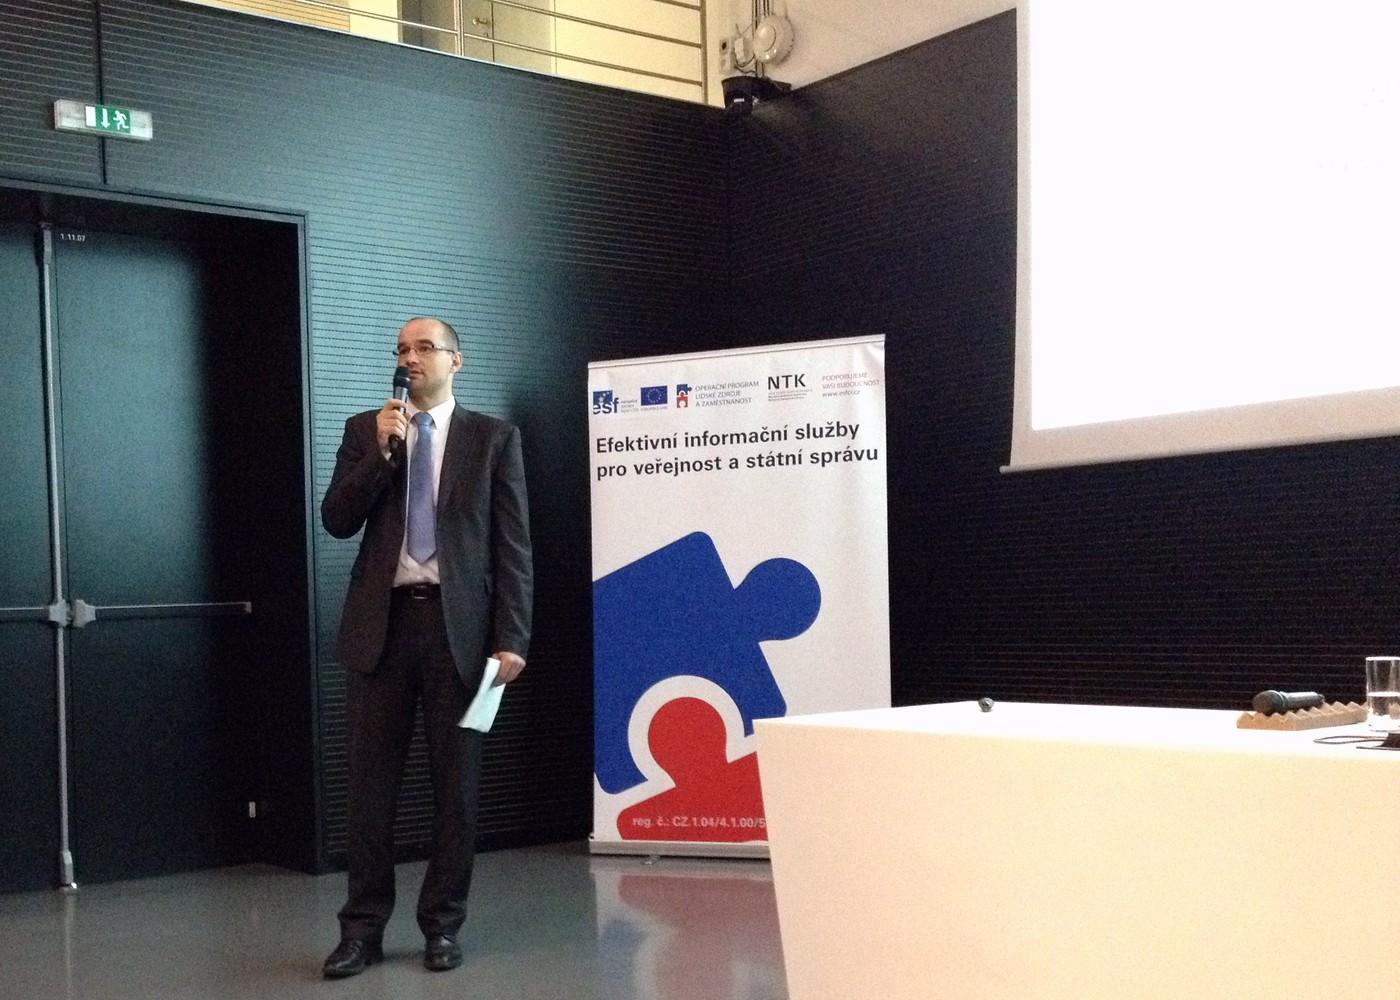 Milan Drahoňovský hovoří o úloze společnosti Deloitte v rámci projektu EFI